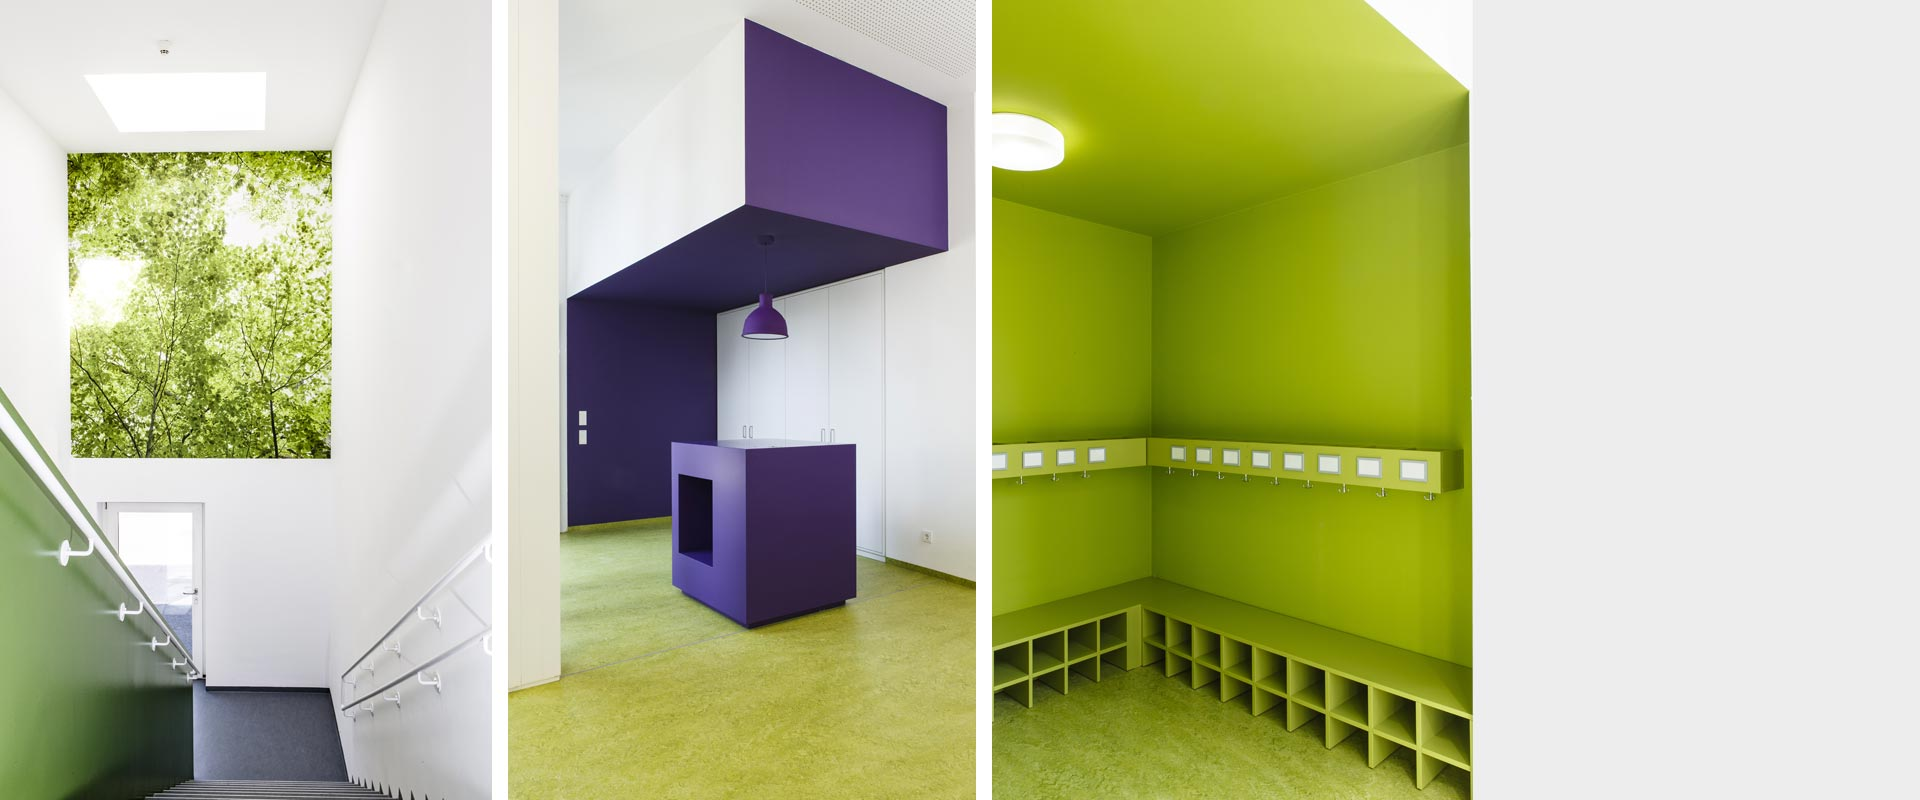 architekturbüro musahl Waldshut Kinderhaus St. Marien